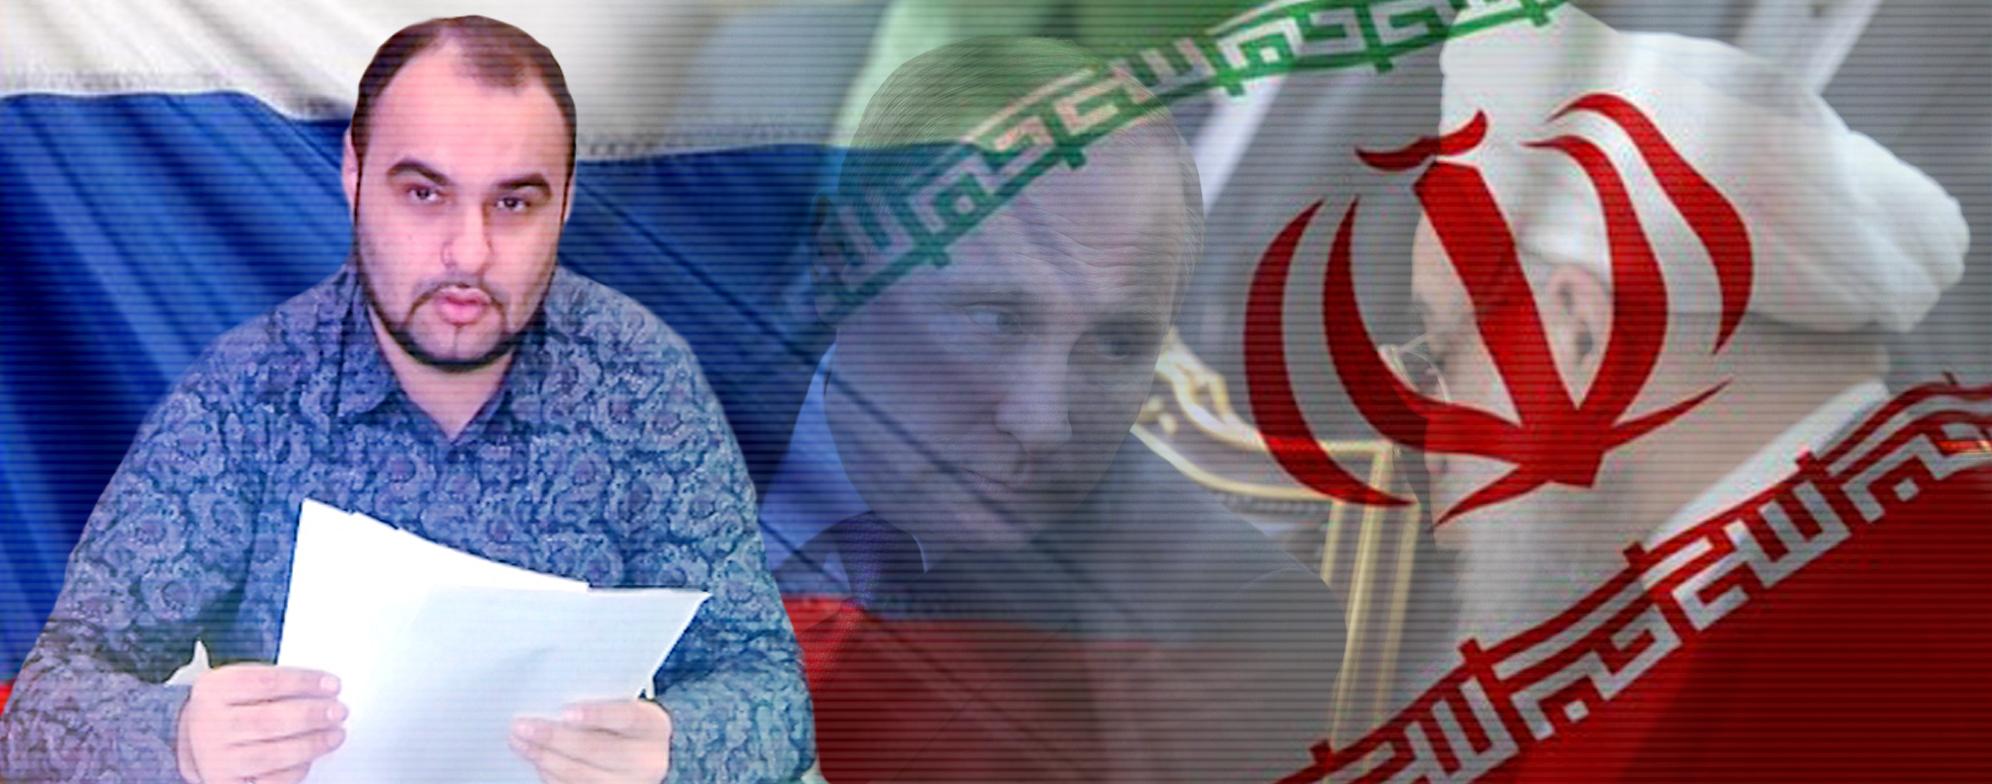 Муаззин: Тегеран – давний и надежный партнер Москвы в регионе